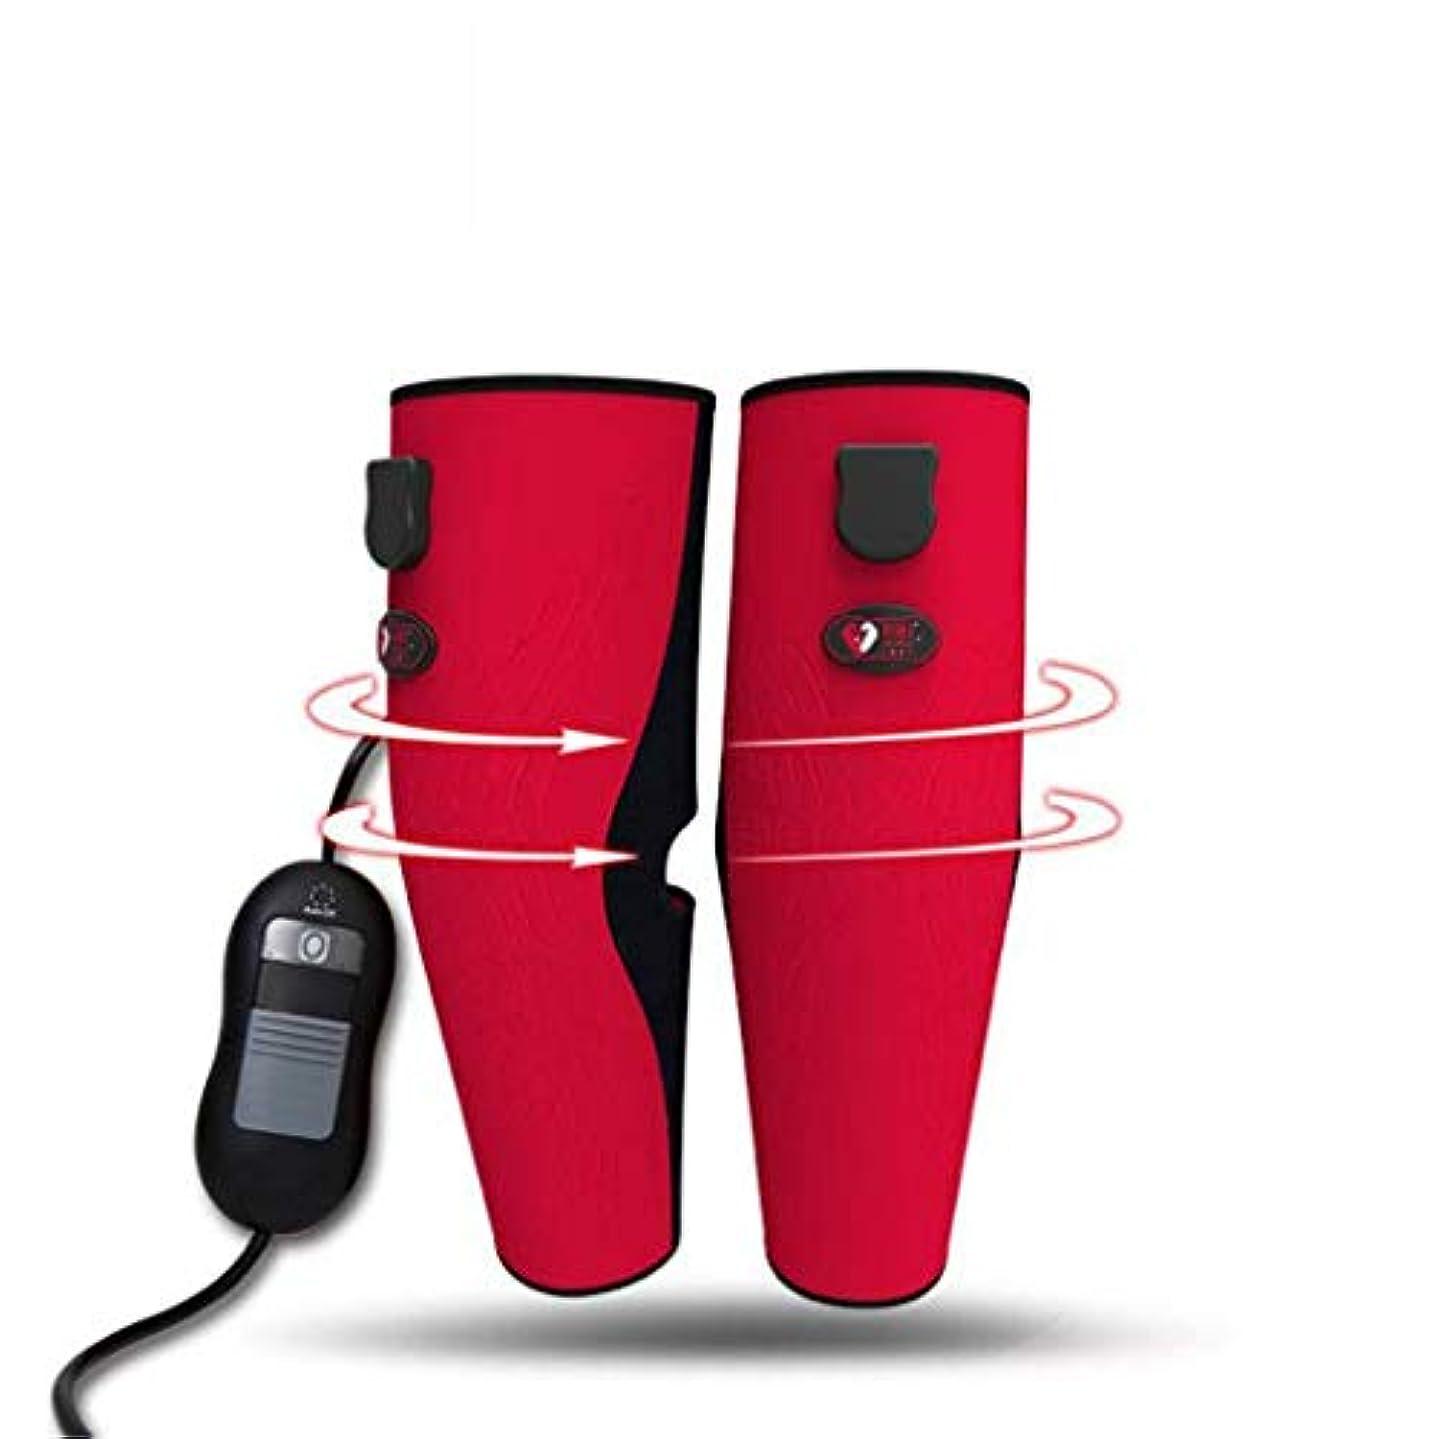 不完全郵便局後温められた足のマッサージャー、膝と足の痛みを和らげる治療装置、3モード温度制御の痛みを和らげる治療装置